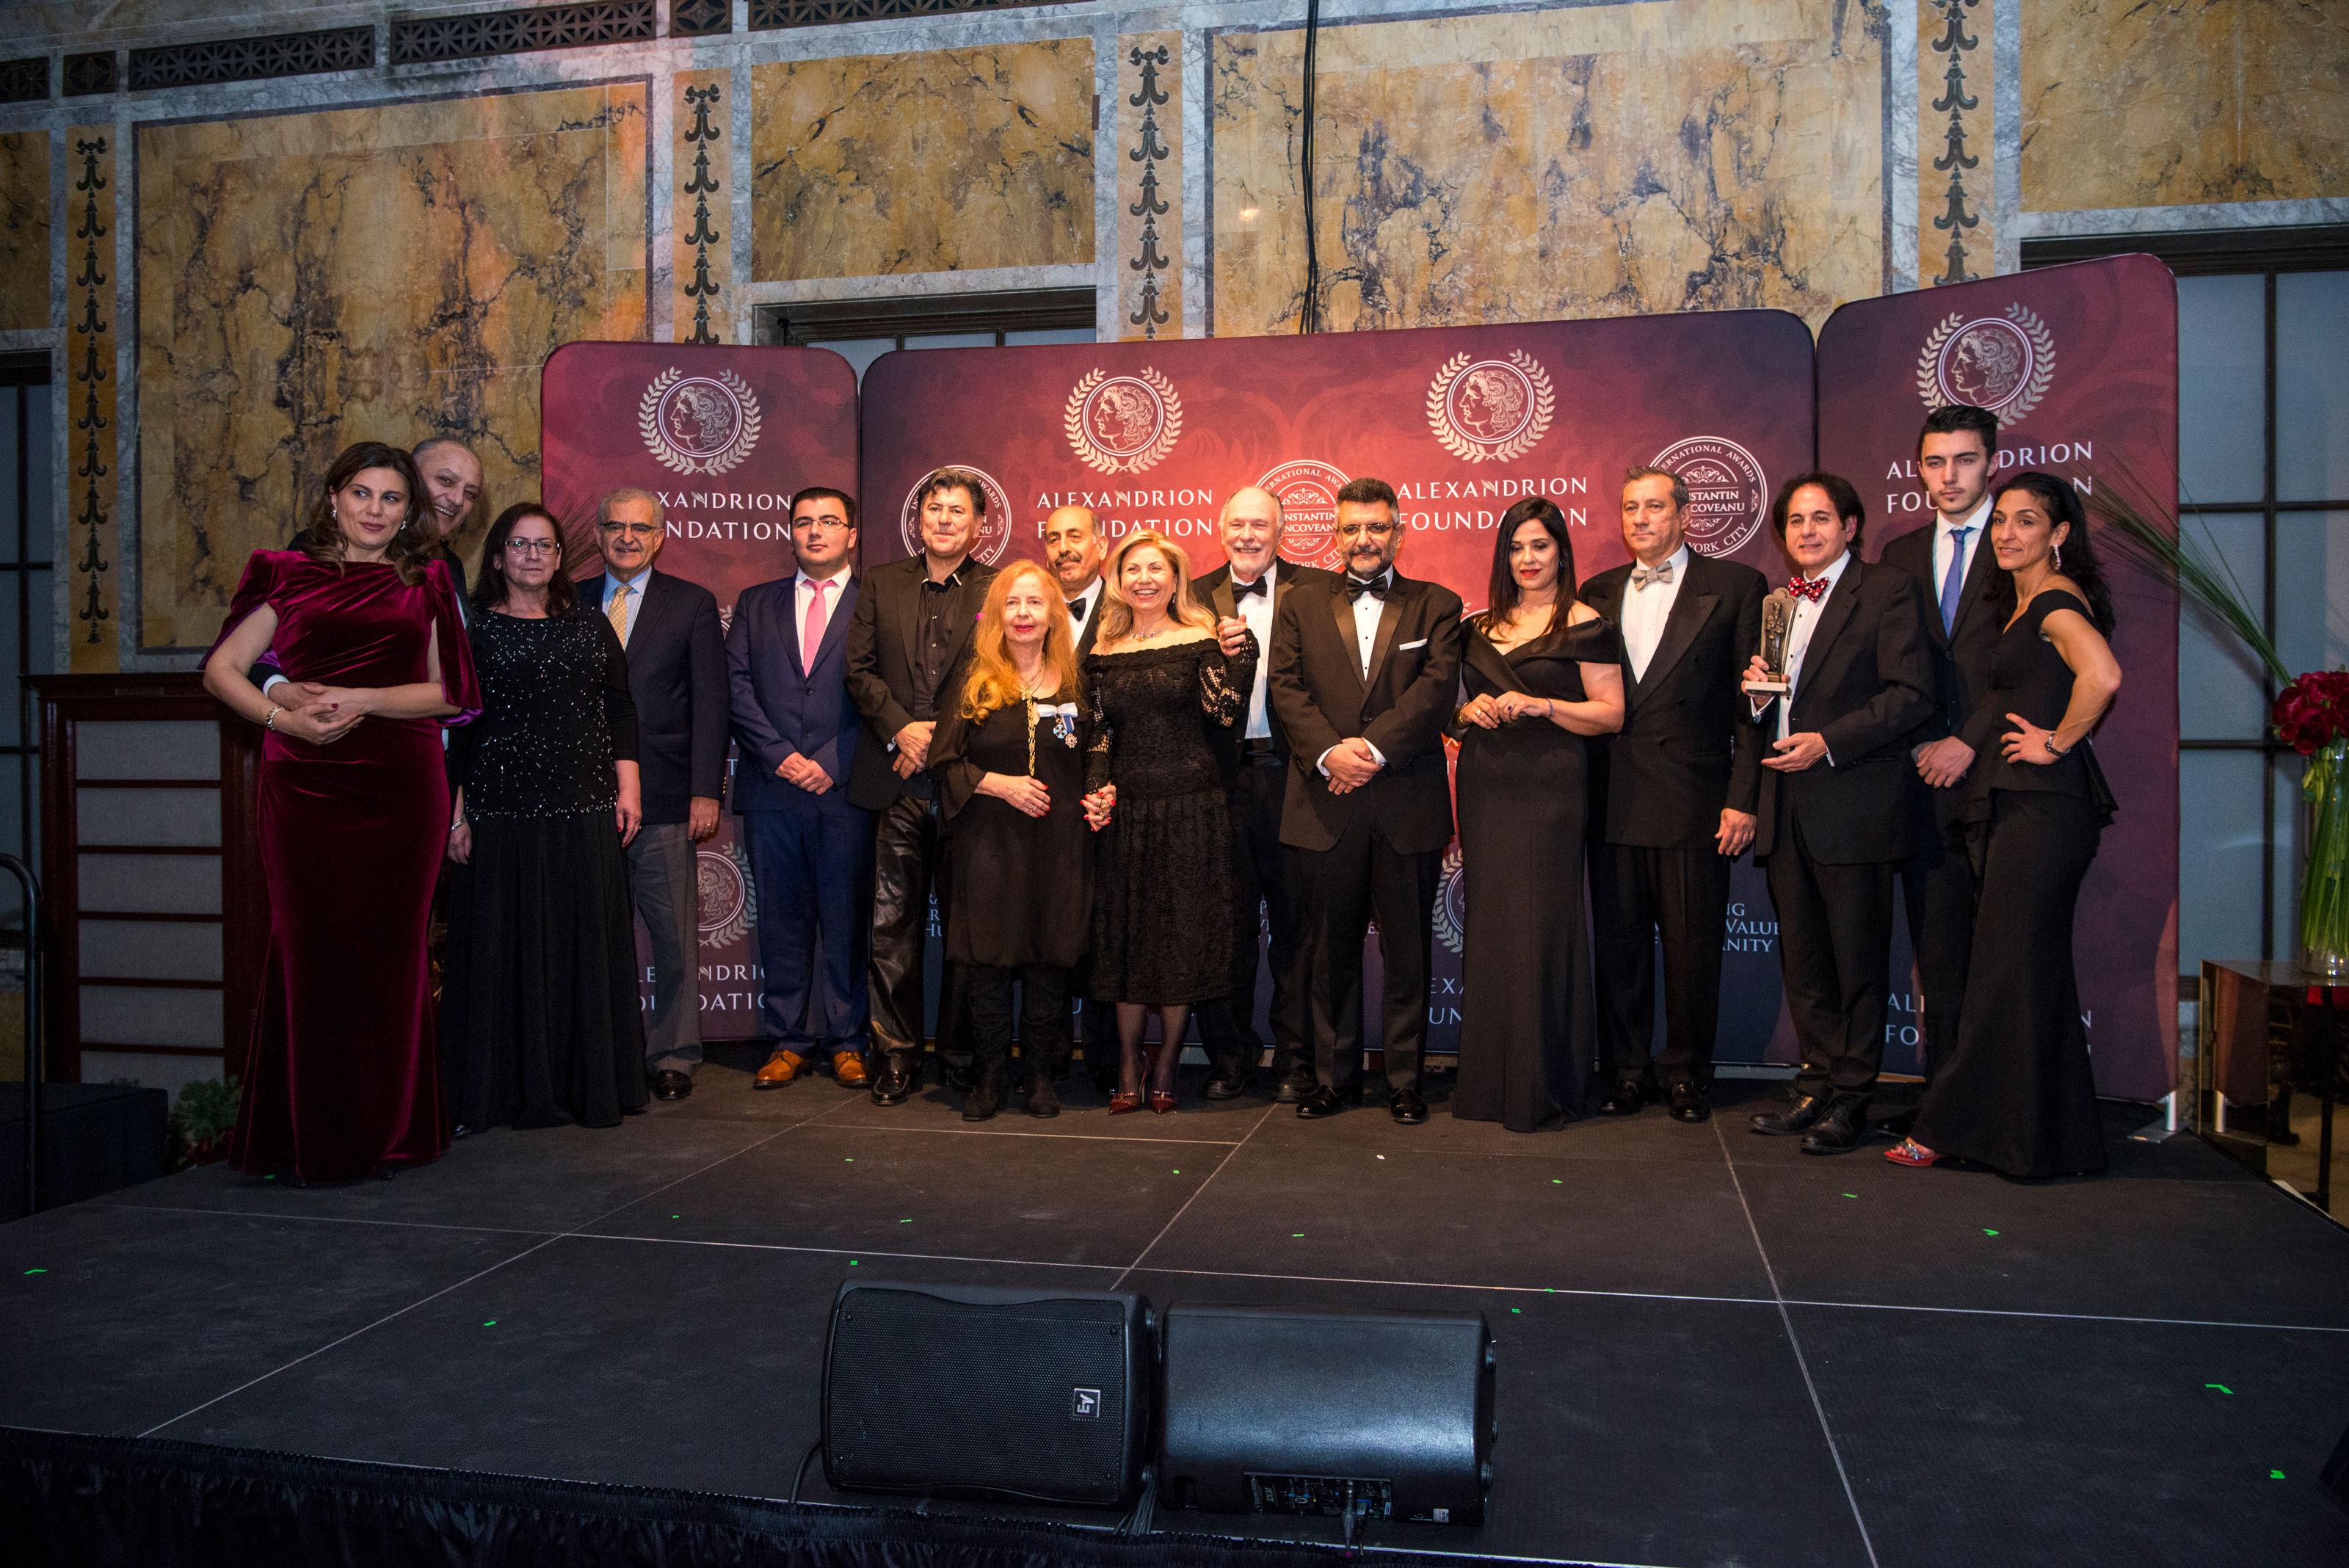 Fundația Alexandrion a decernat pentru prima dată Premiile Internaționale Constantin Brâncoveanu în Statele Unite